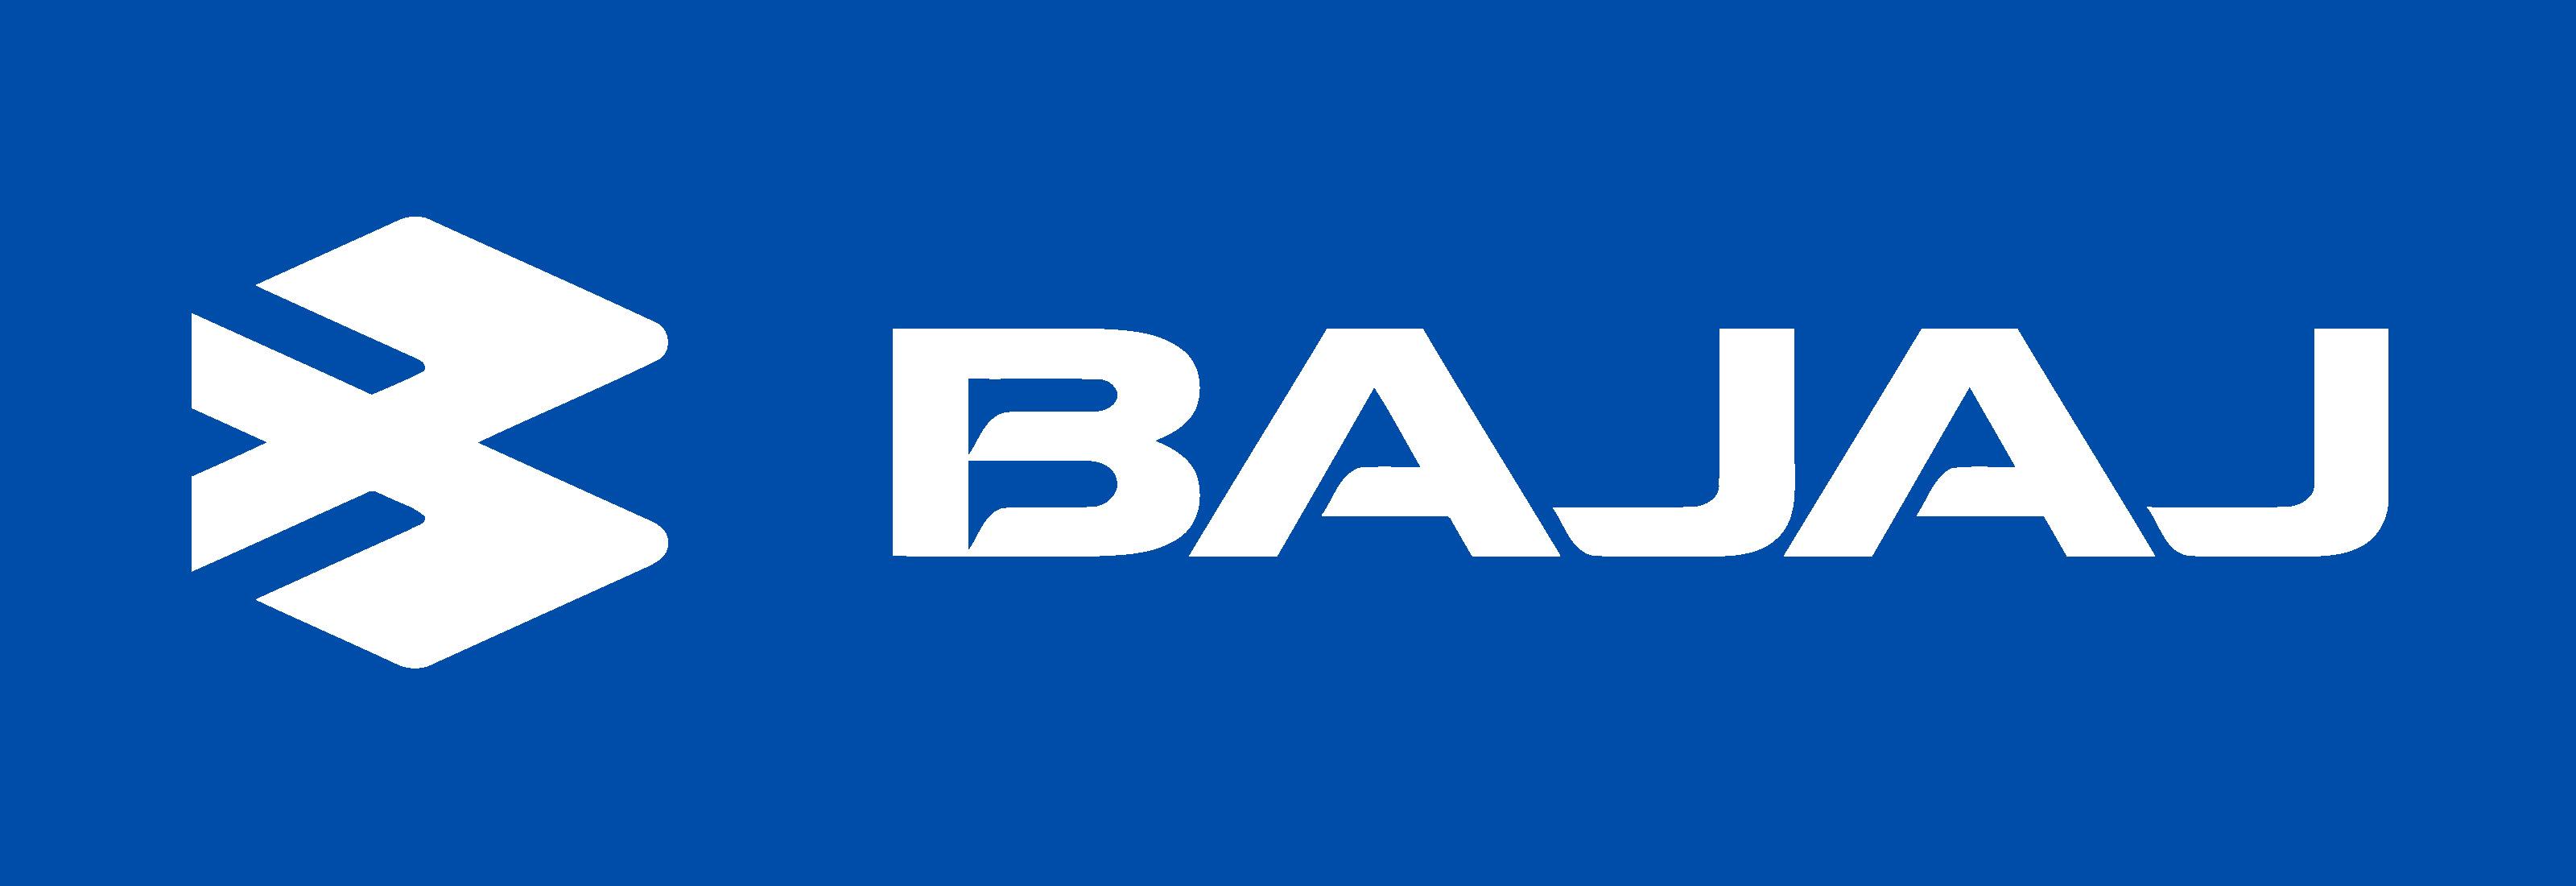 bajaj logo meaning and history bajaj symbol